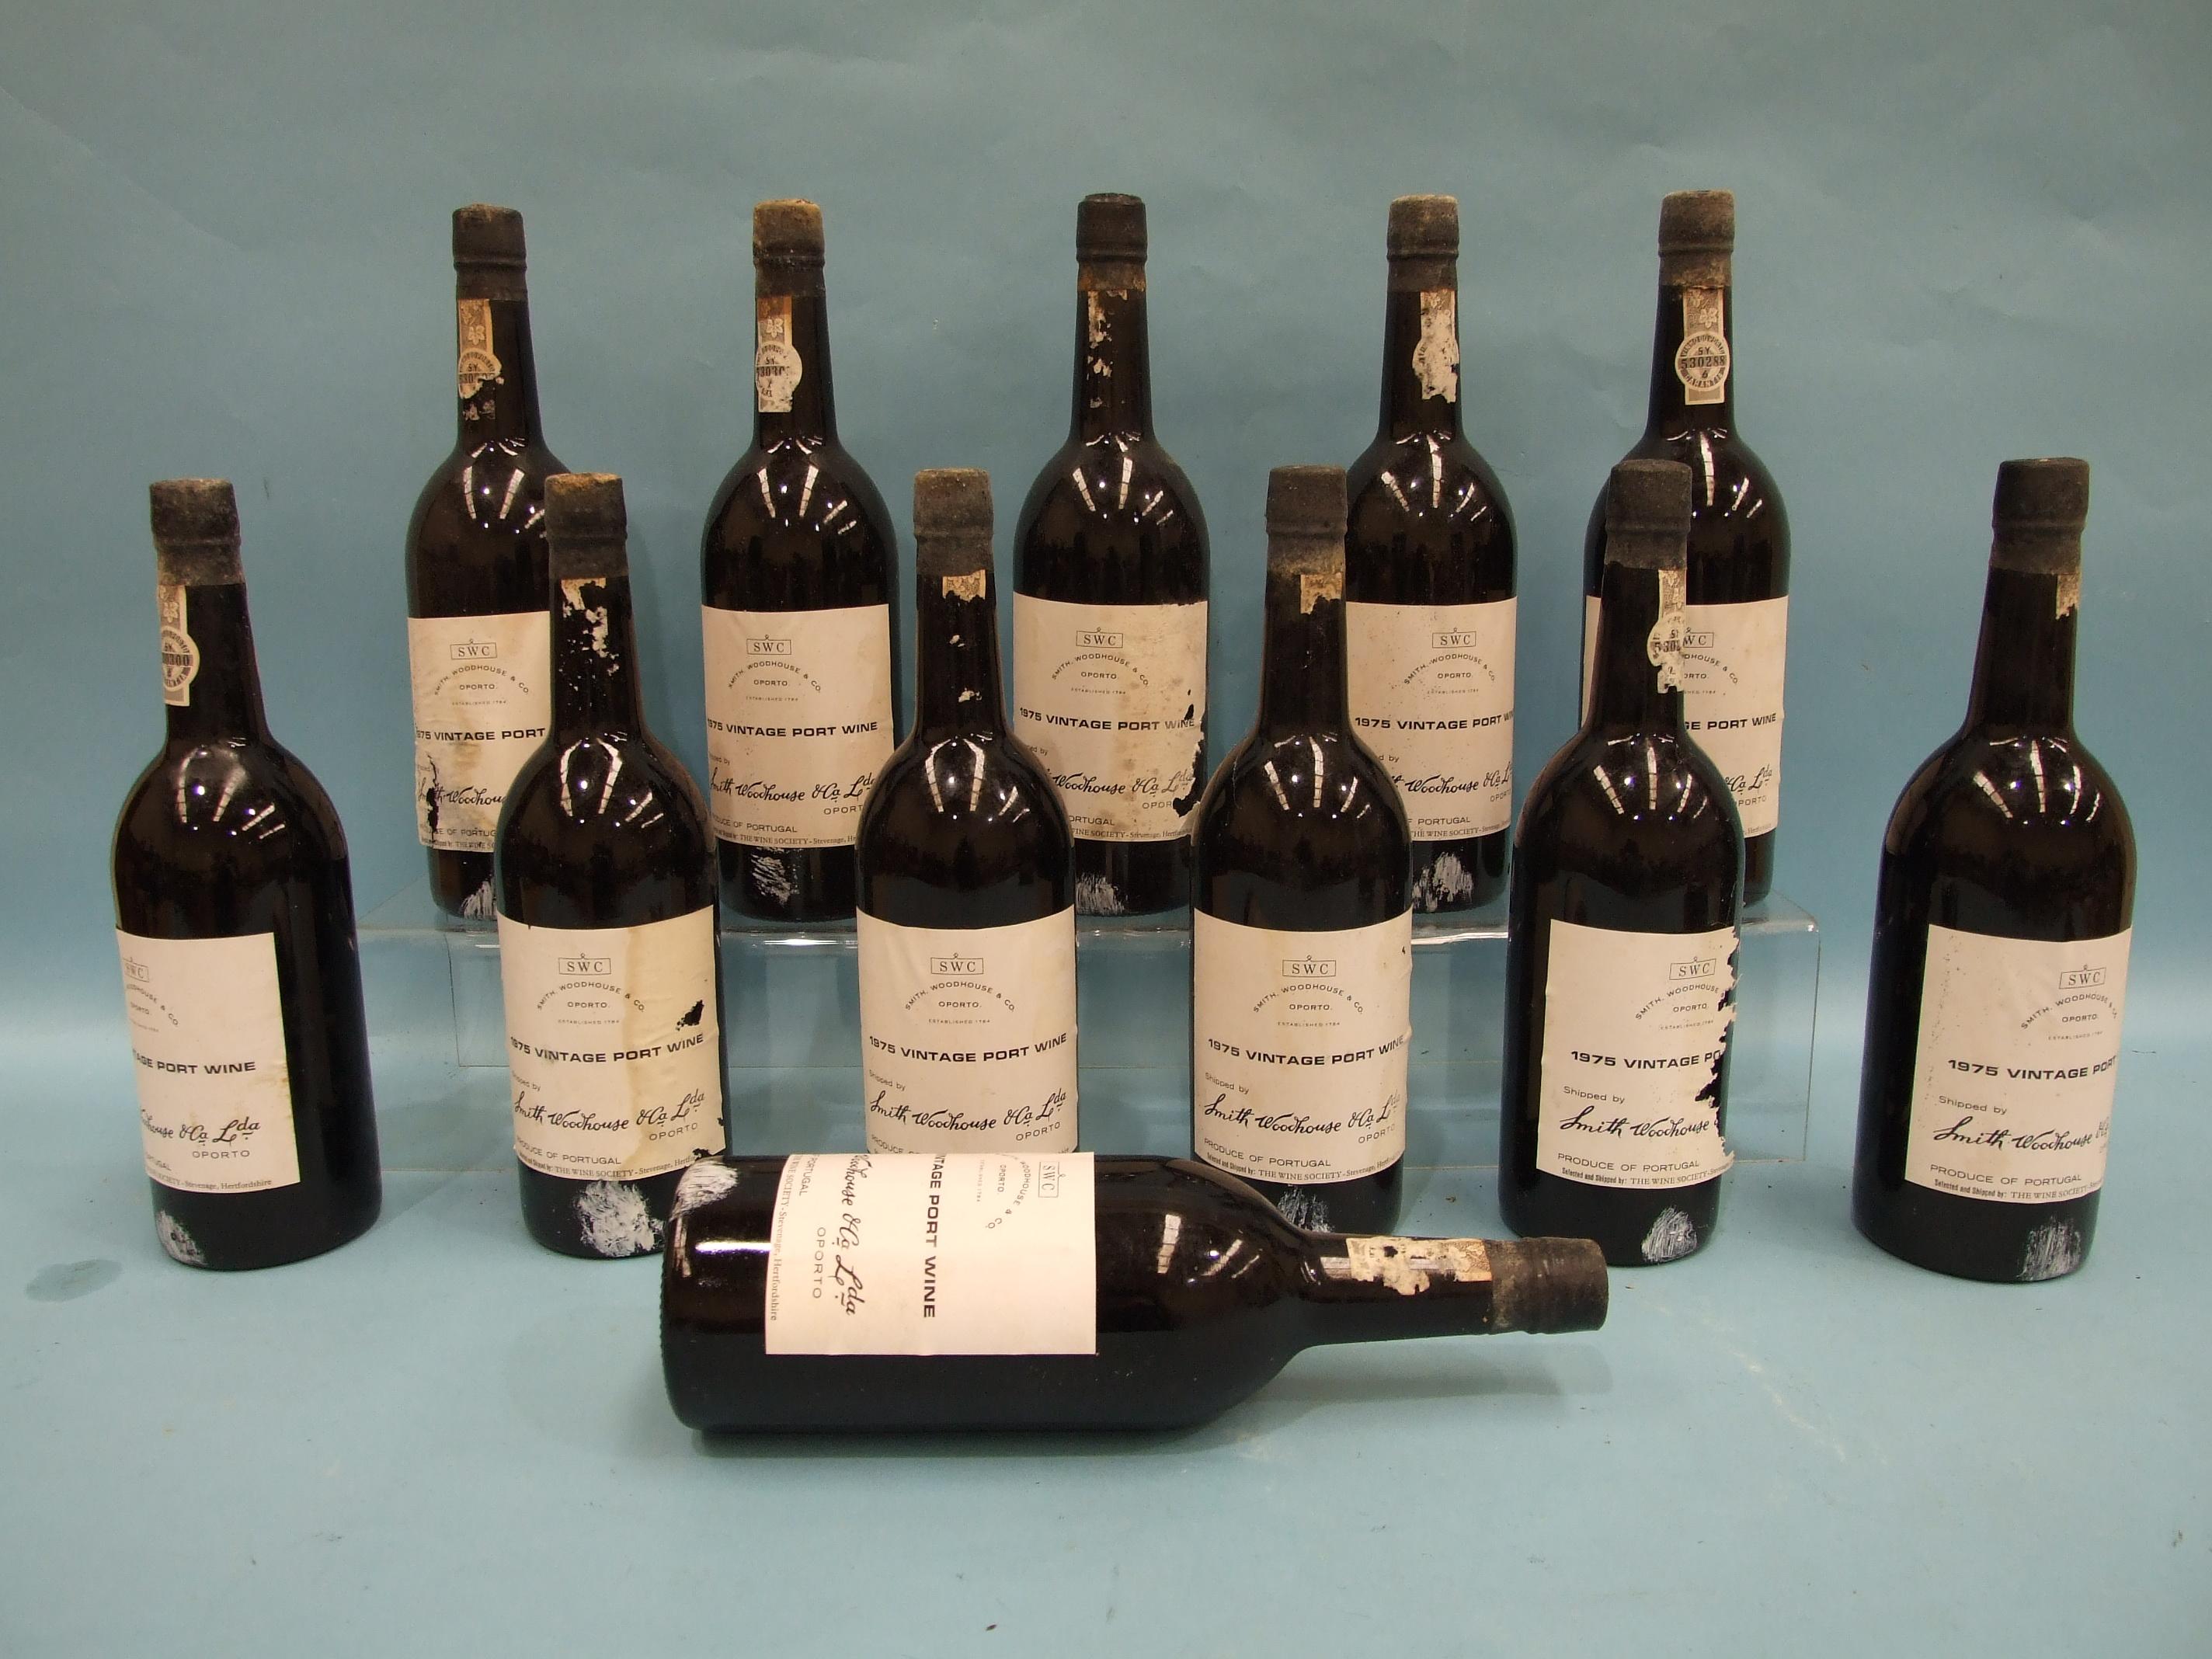 Smith Woodhouse & Co. Ltdvintage Port 1975, twelve bottles, in cardboard case, (some labels